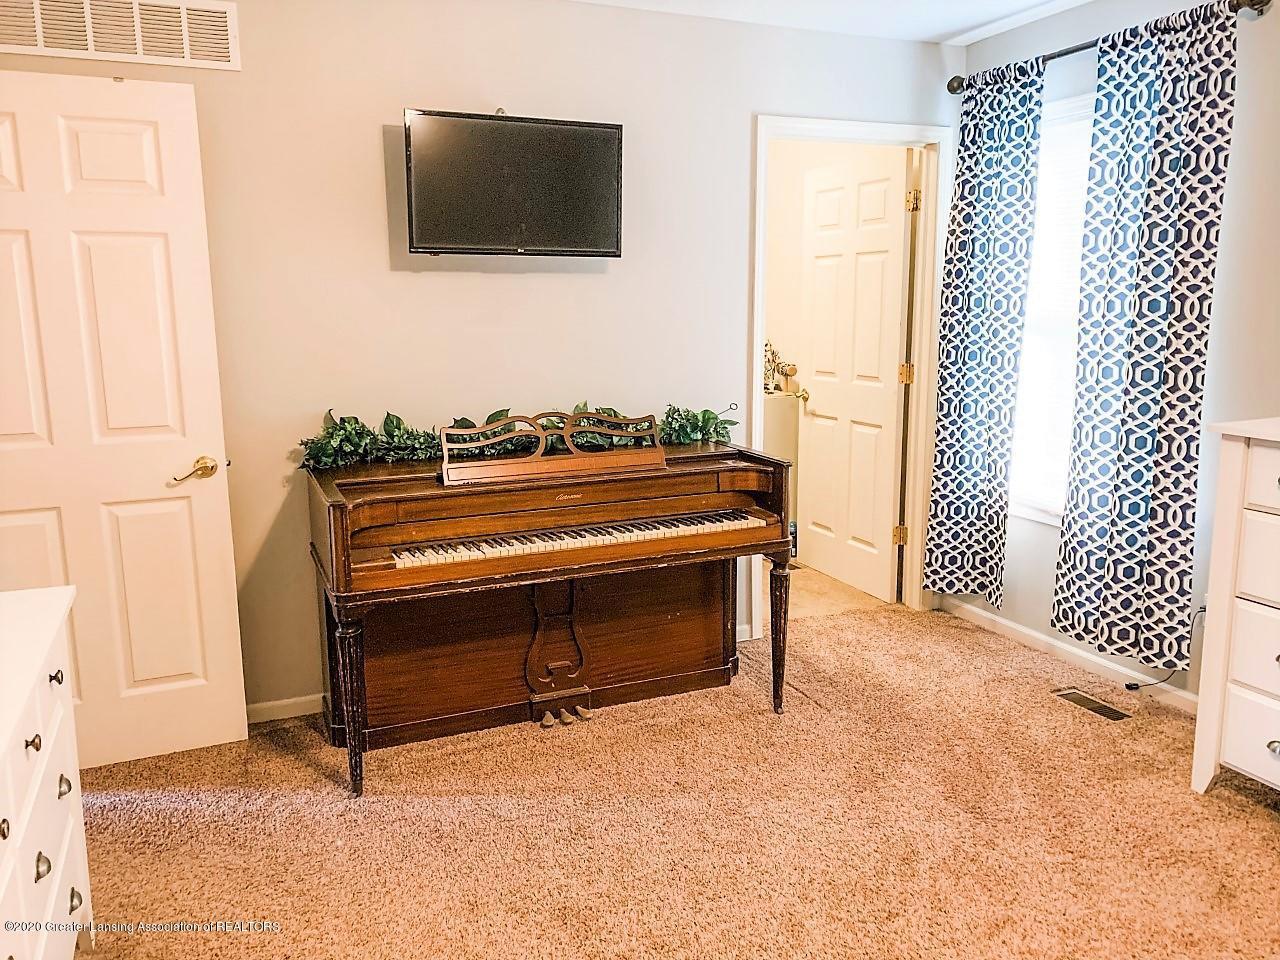 6820 Delta River Dr - Master Bedroom w/furniture - 16